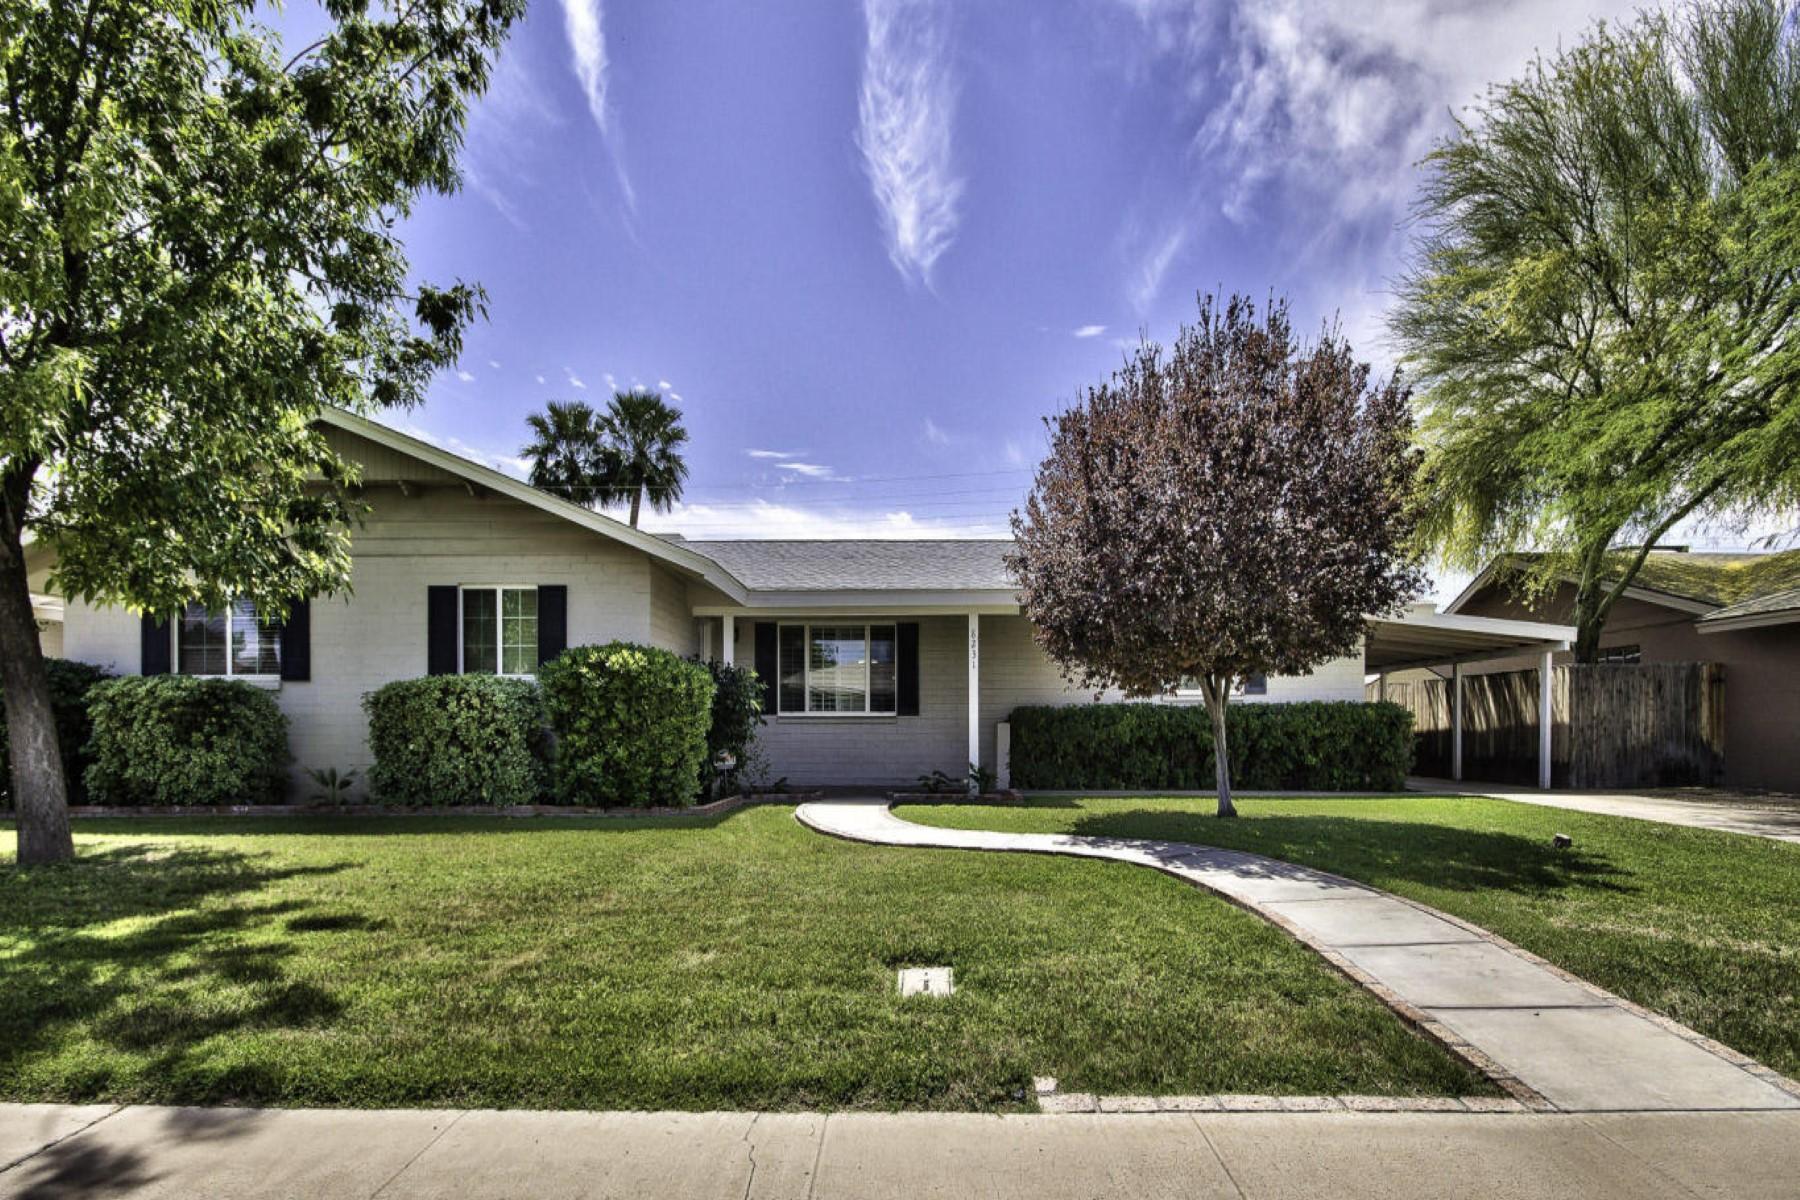 Maison unifamiliale pour l Vente à Charming home in fabulous Old Town. 8231 E HAZELWOOD ST Scottsdale, Arizona 85251 États-Unis